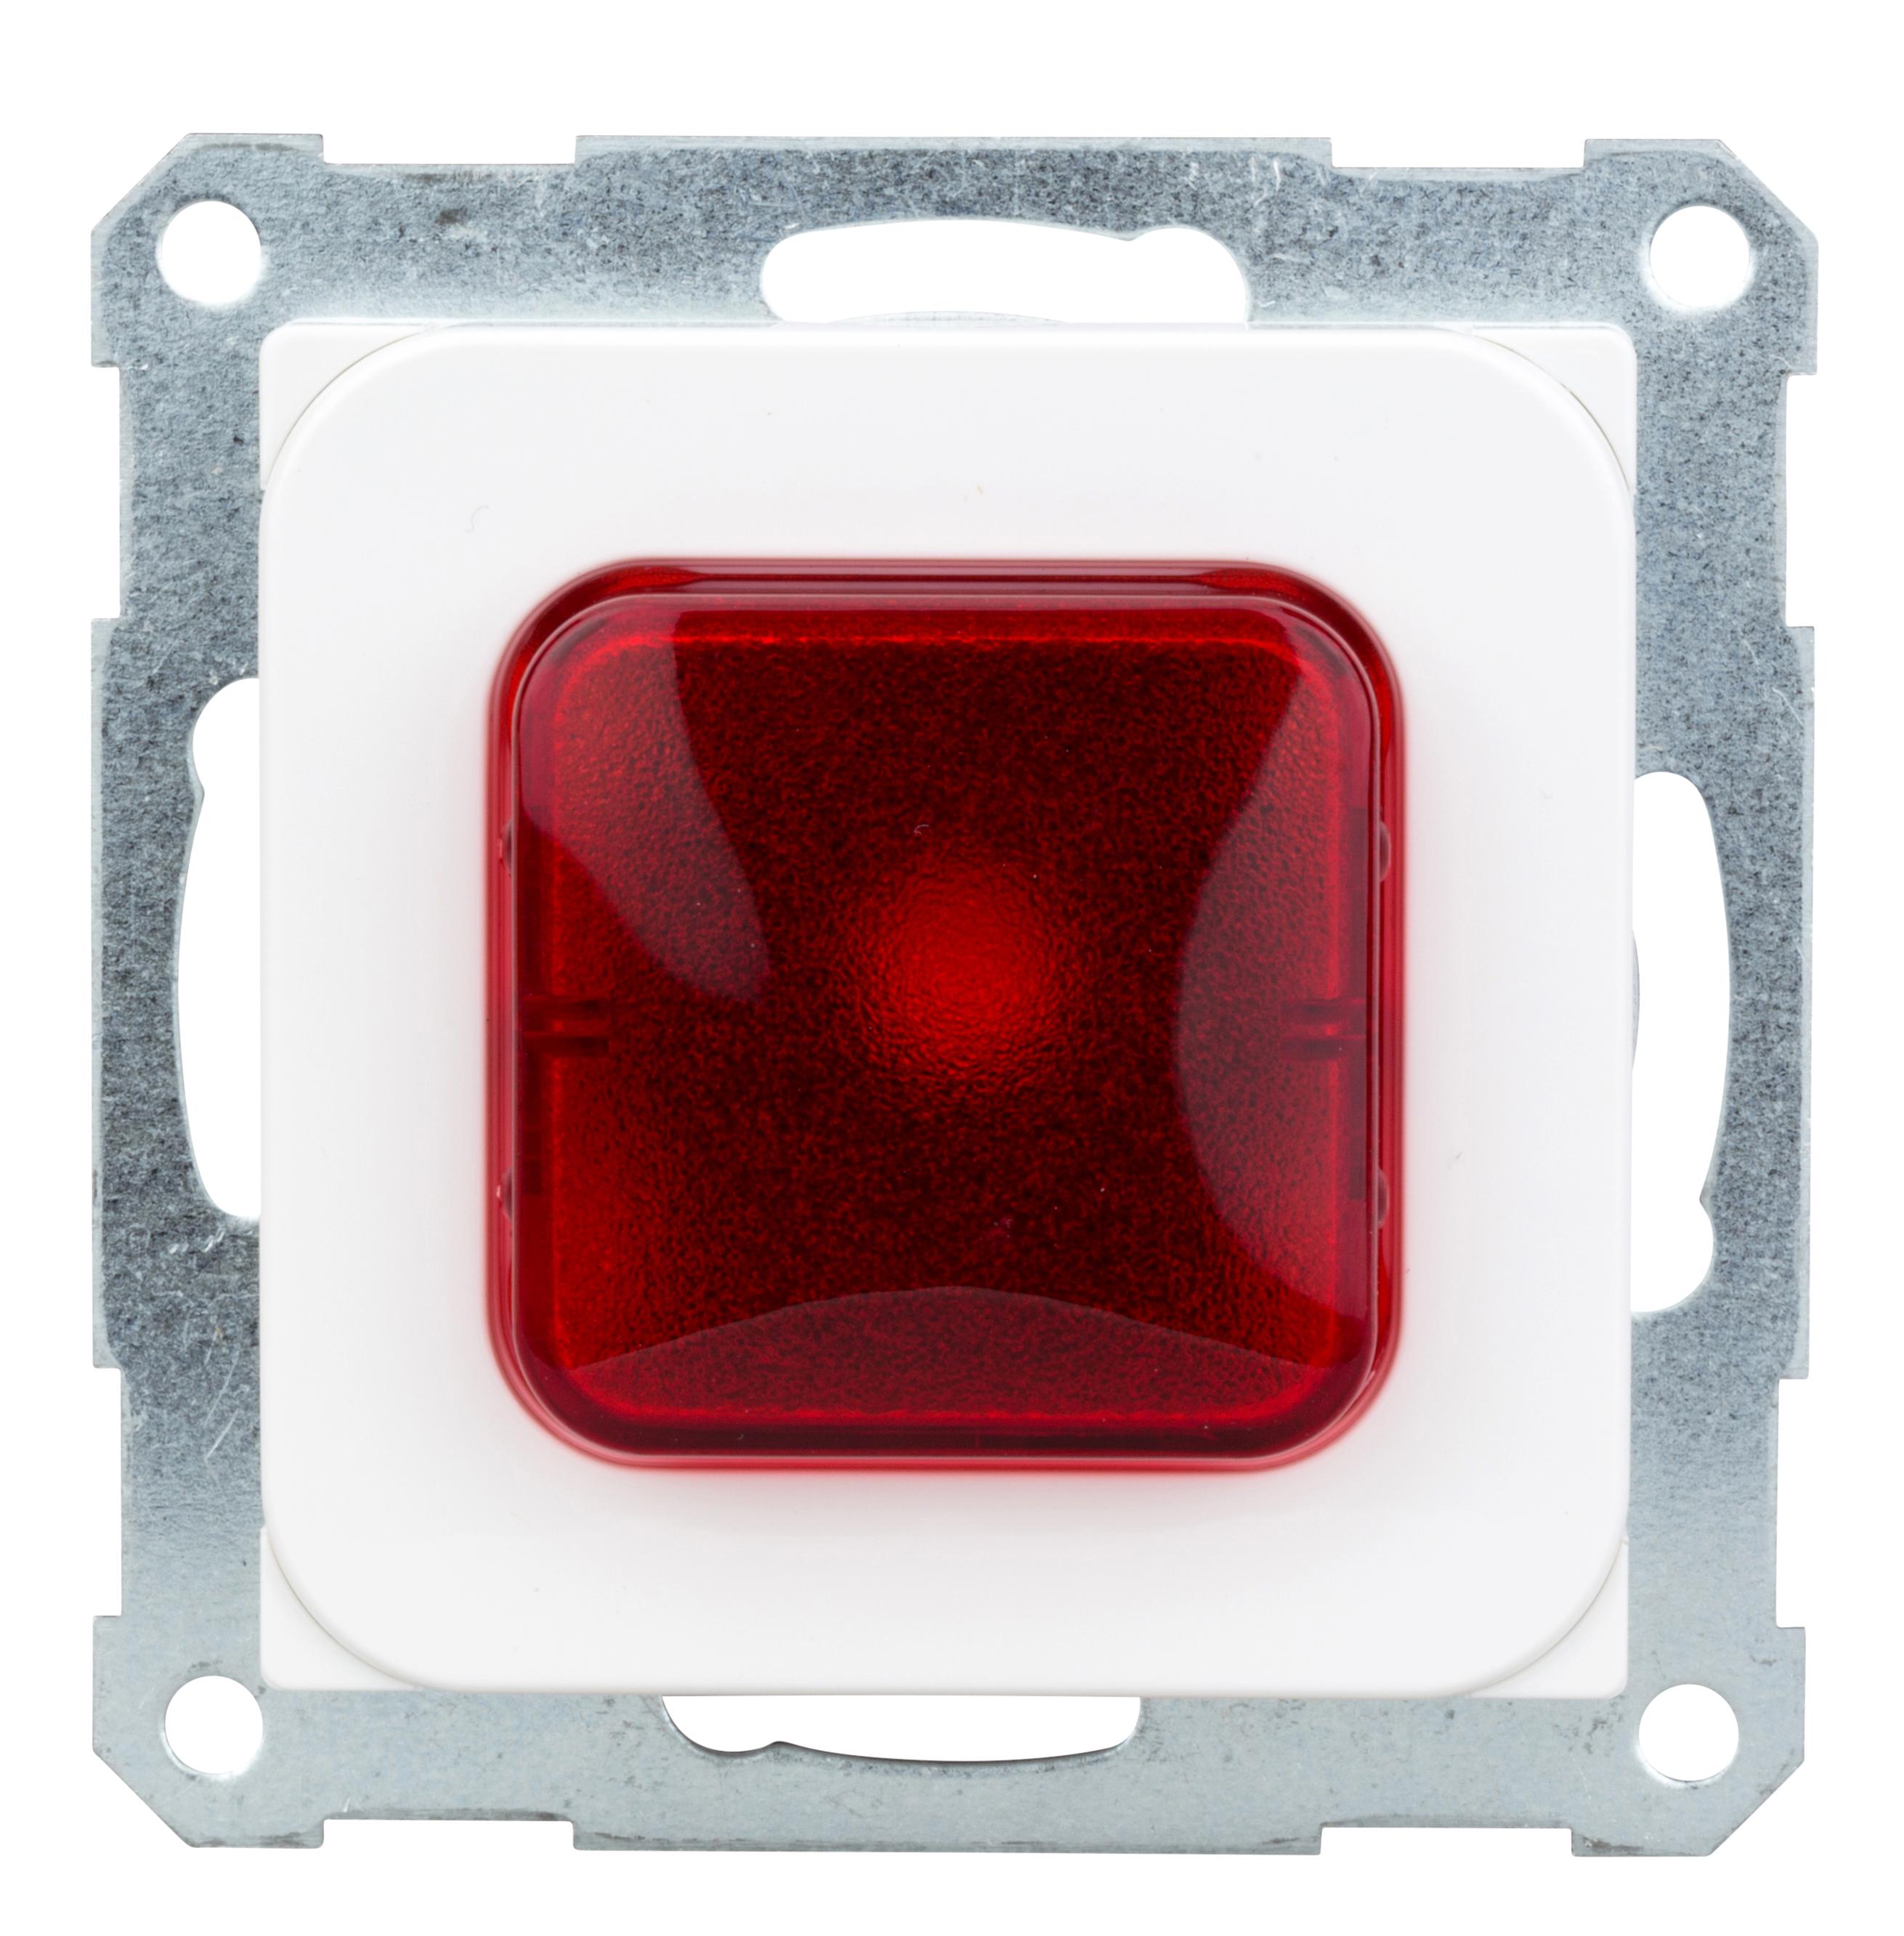 1 Stk Lichtsignal E 10 weiß, mit Glimmlampe und rote Haube EL376014--